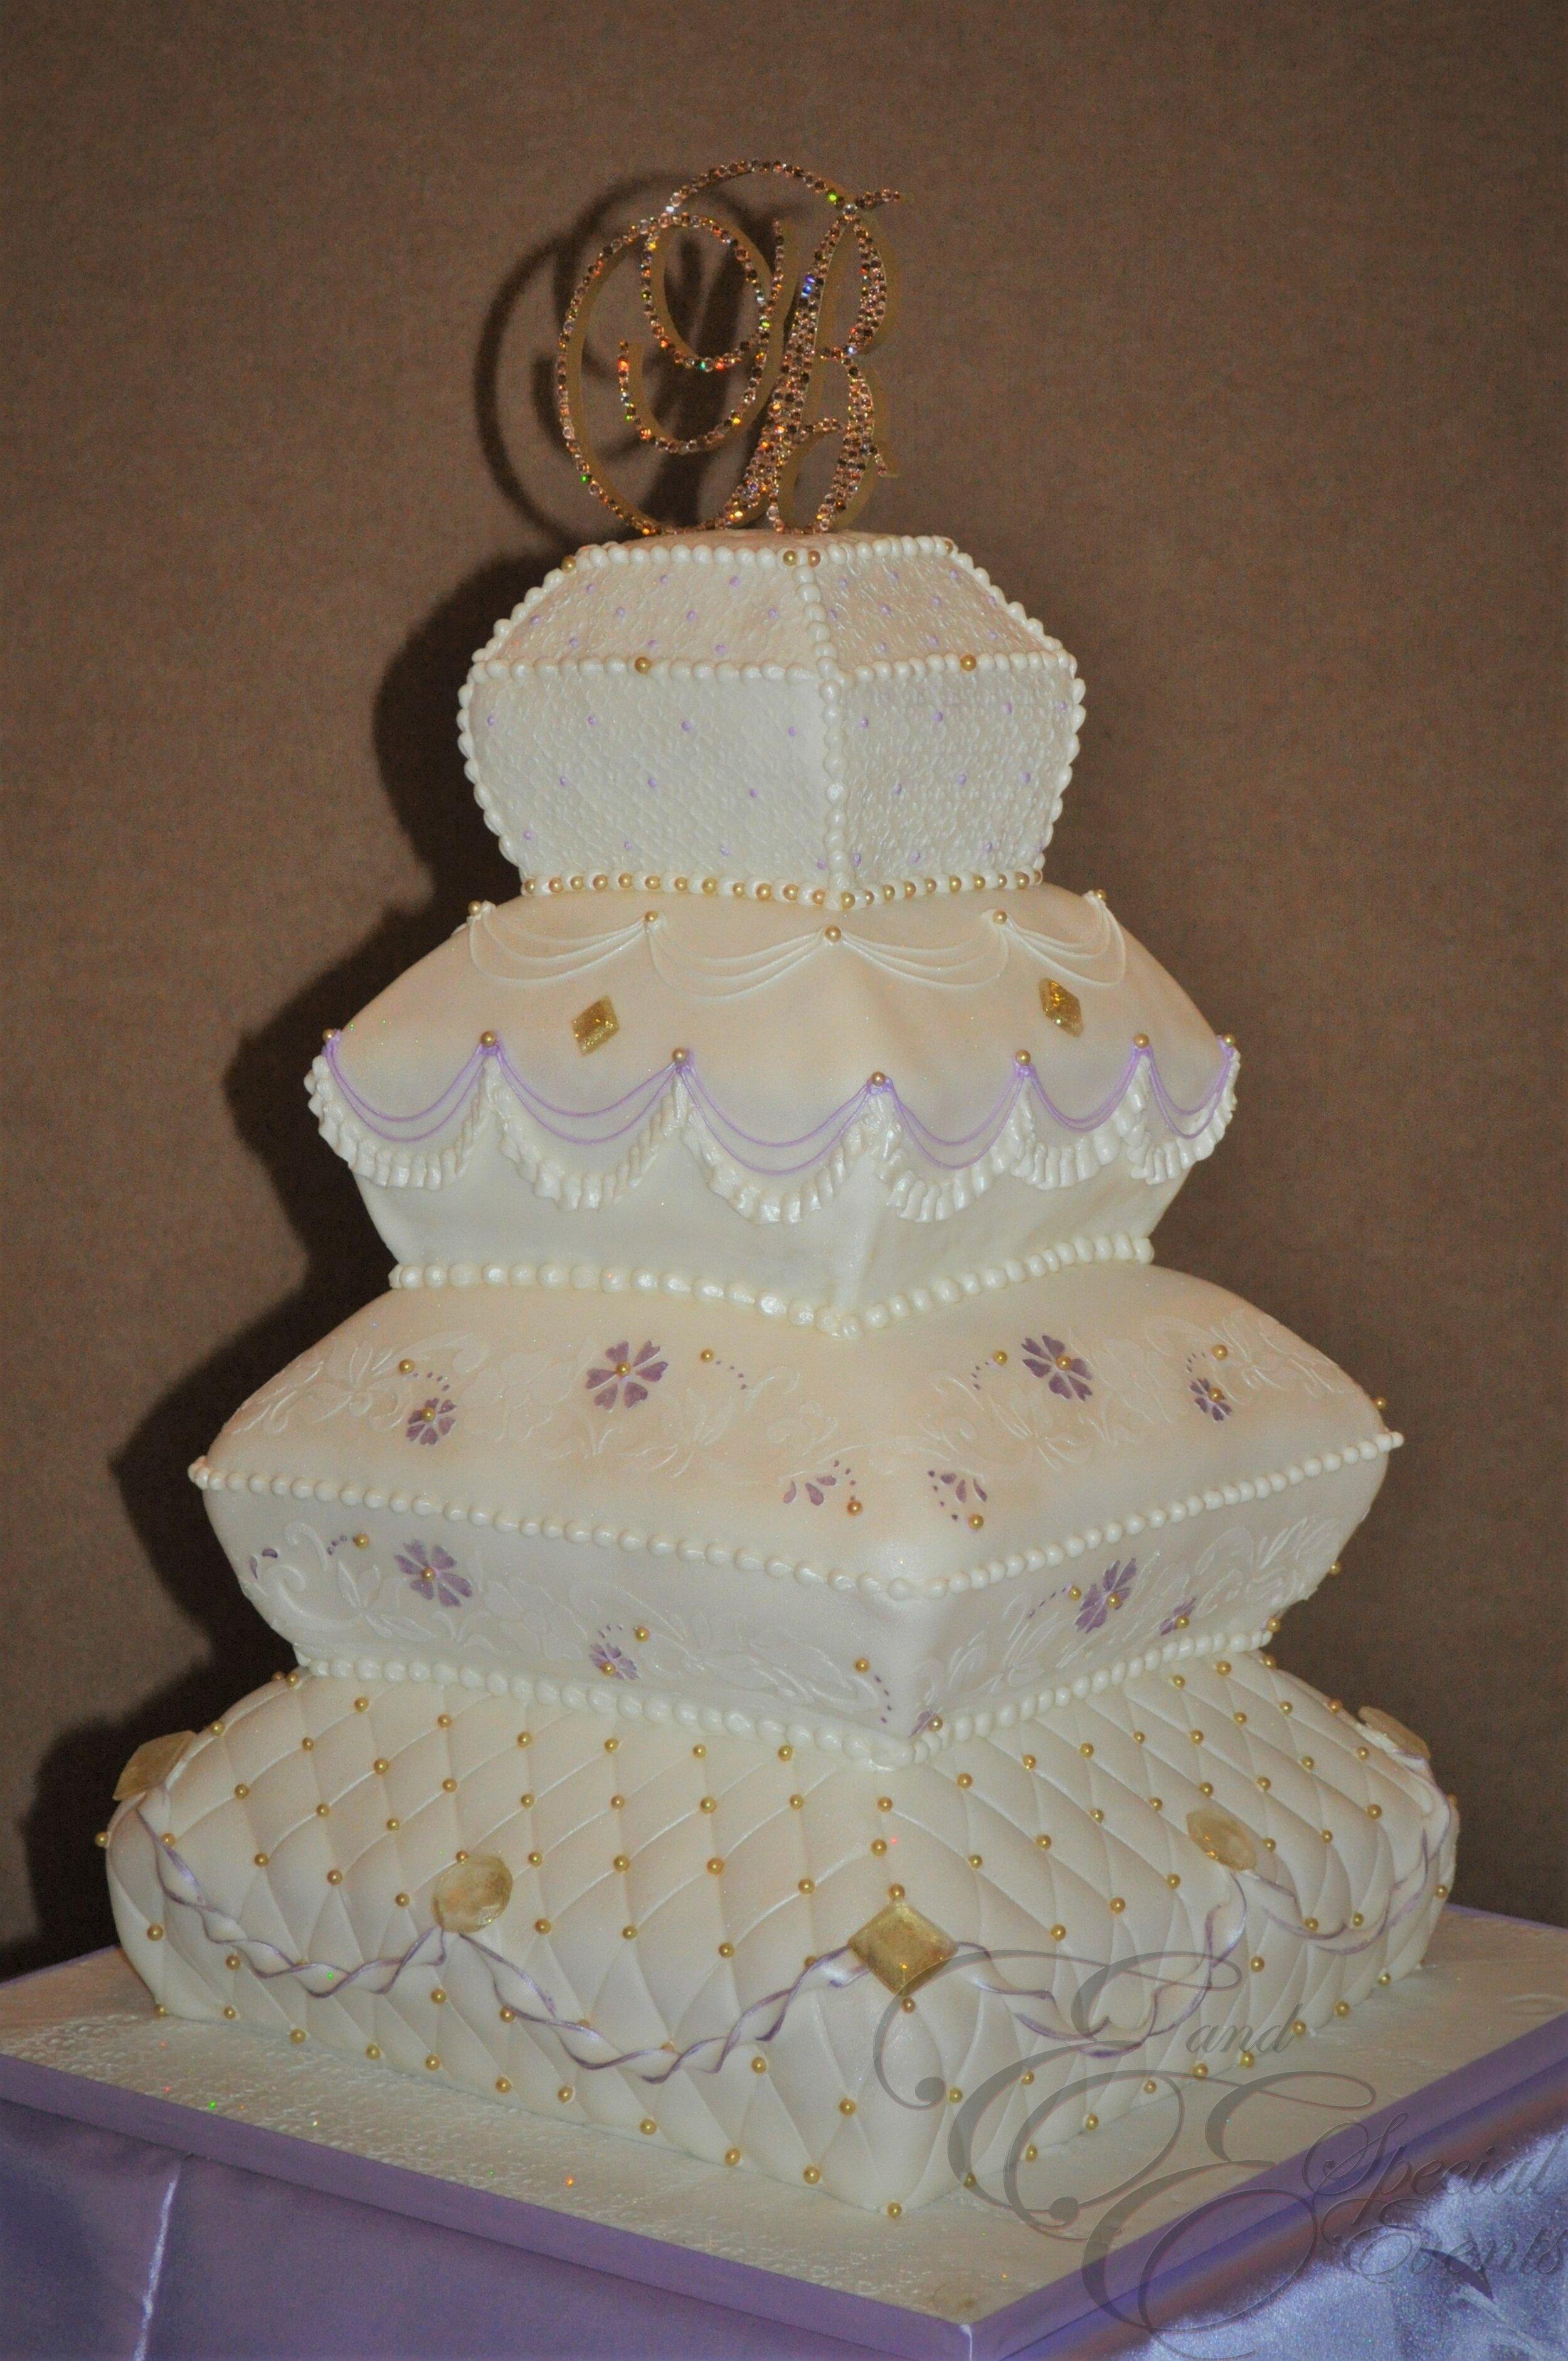 E_E_Special_Events_Unique_Wedding_Cakes_Virginia_Beach_Hampton_Roads48.jpg